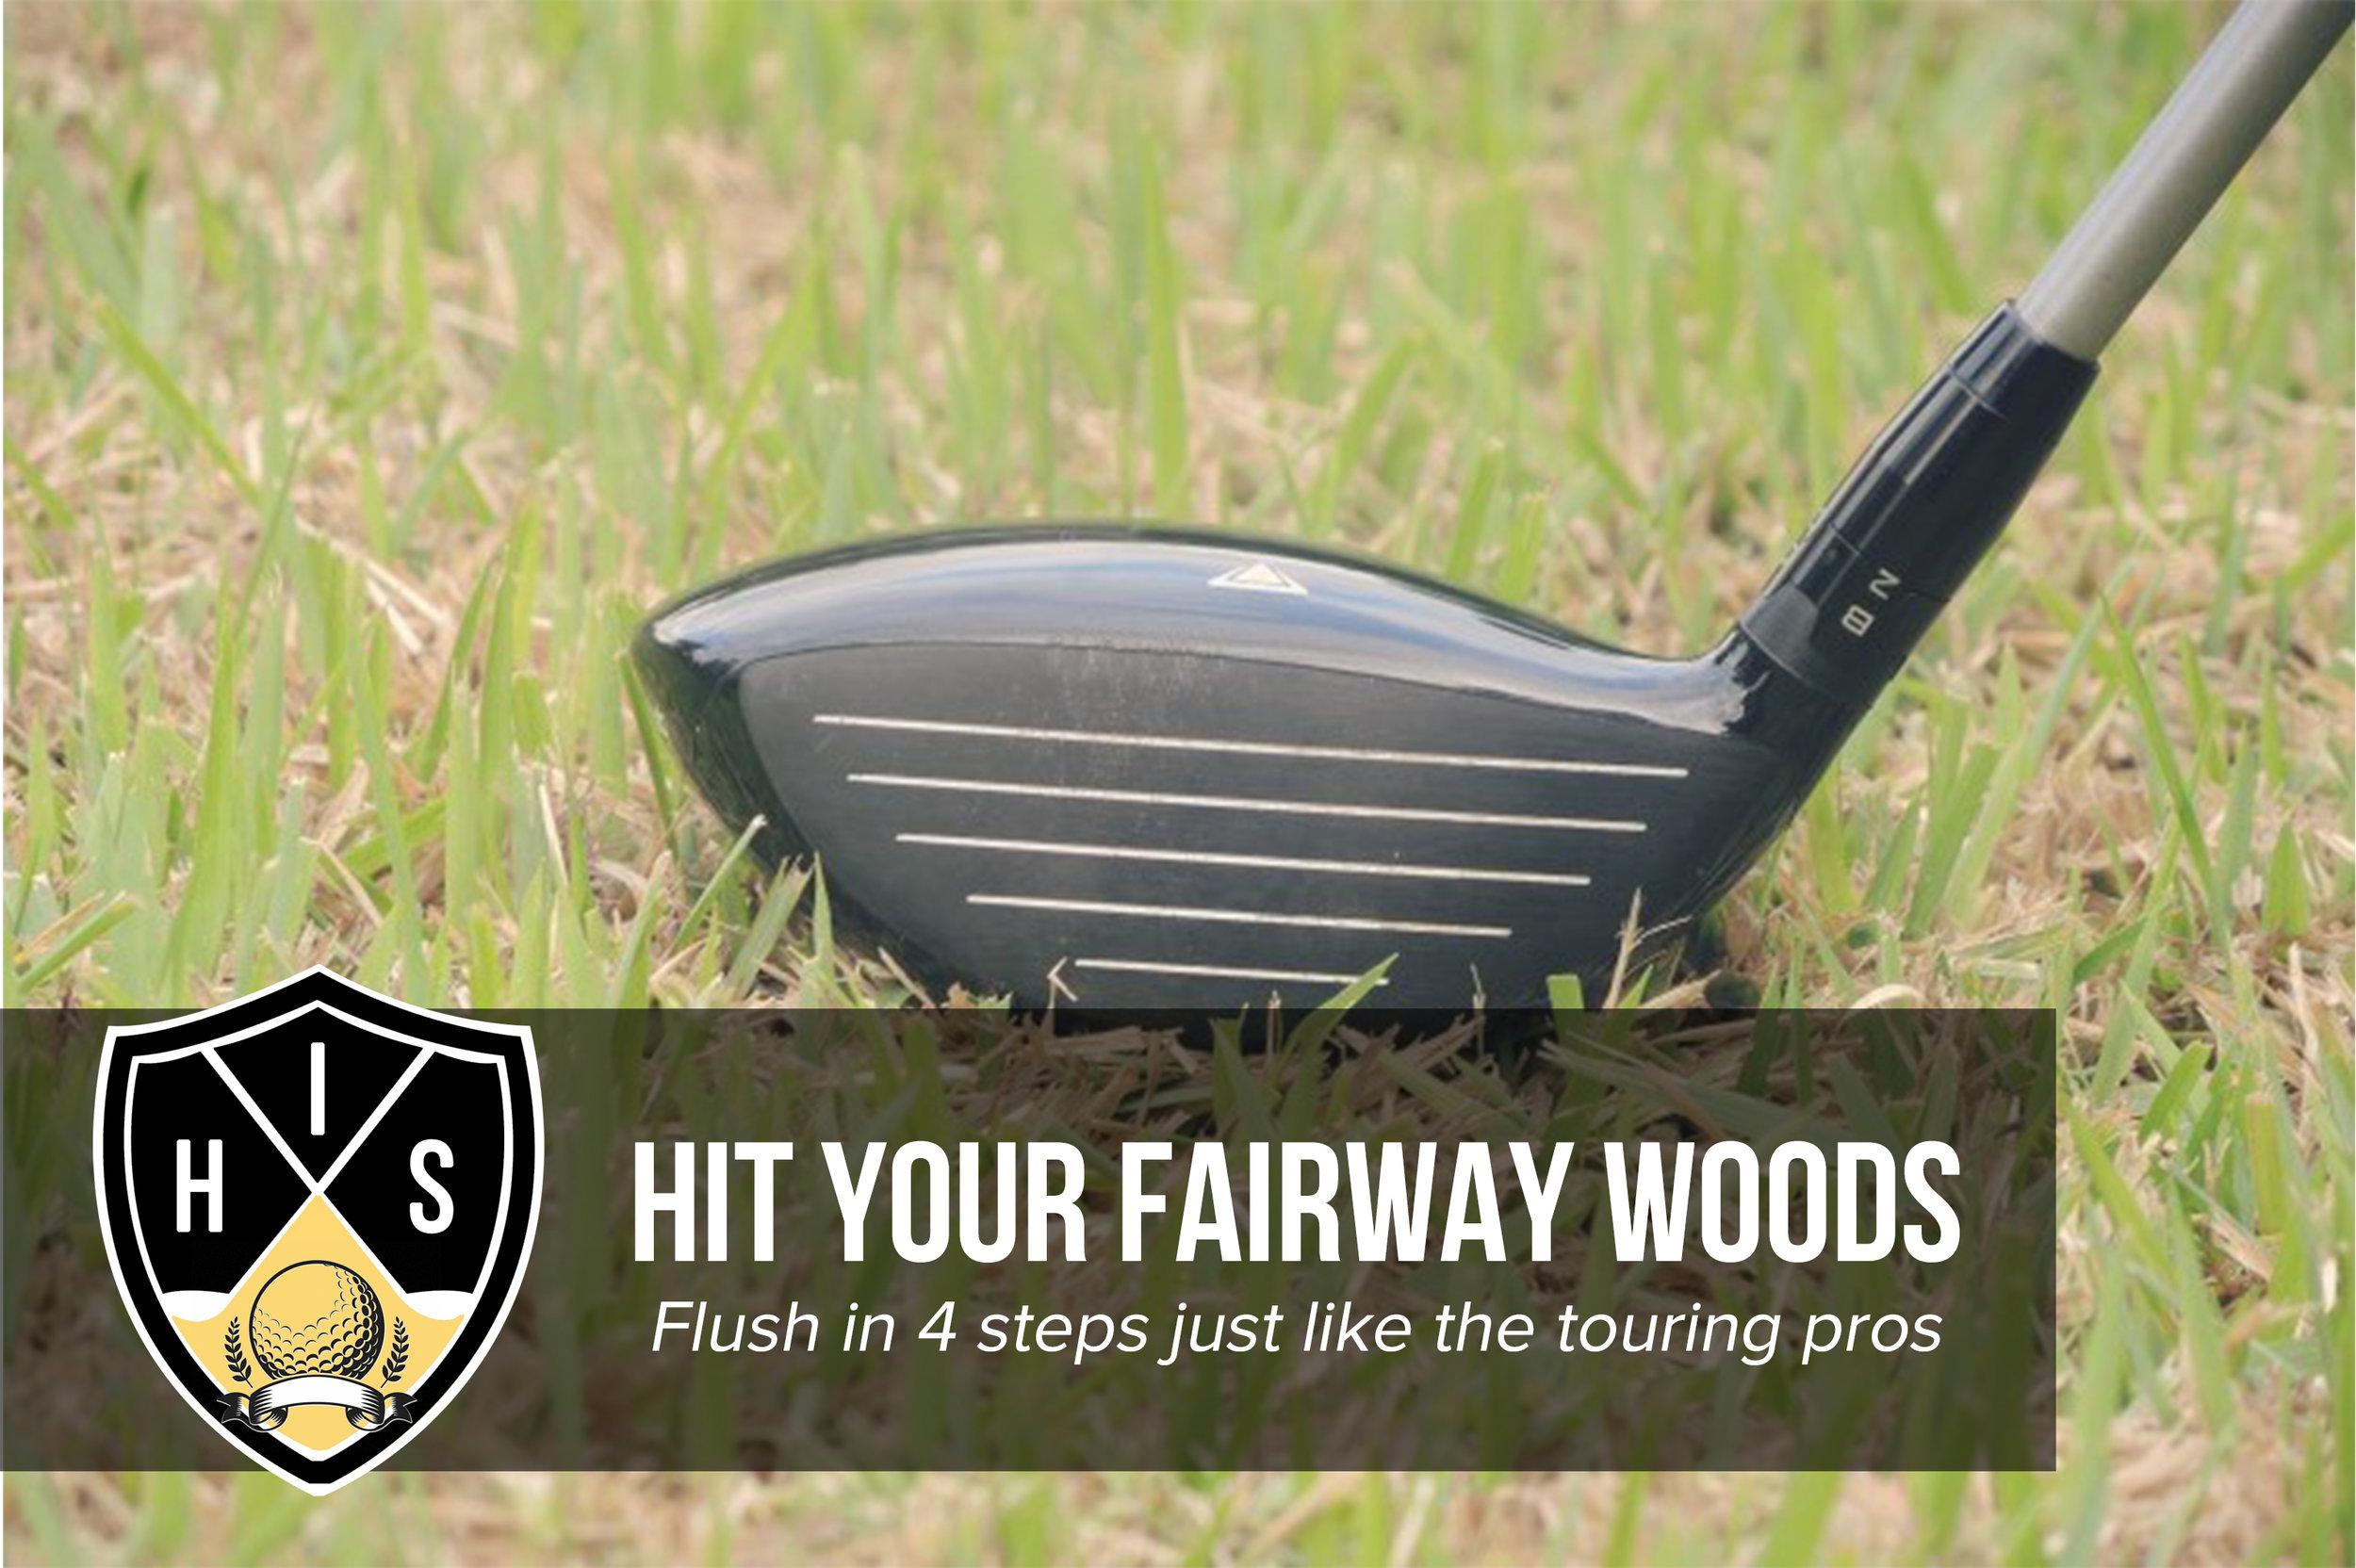 How to Hit Fairway Woods